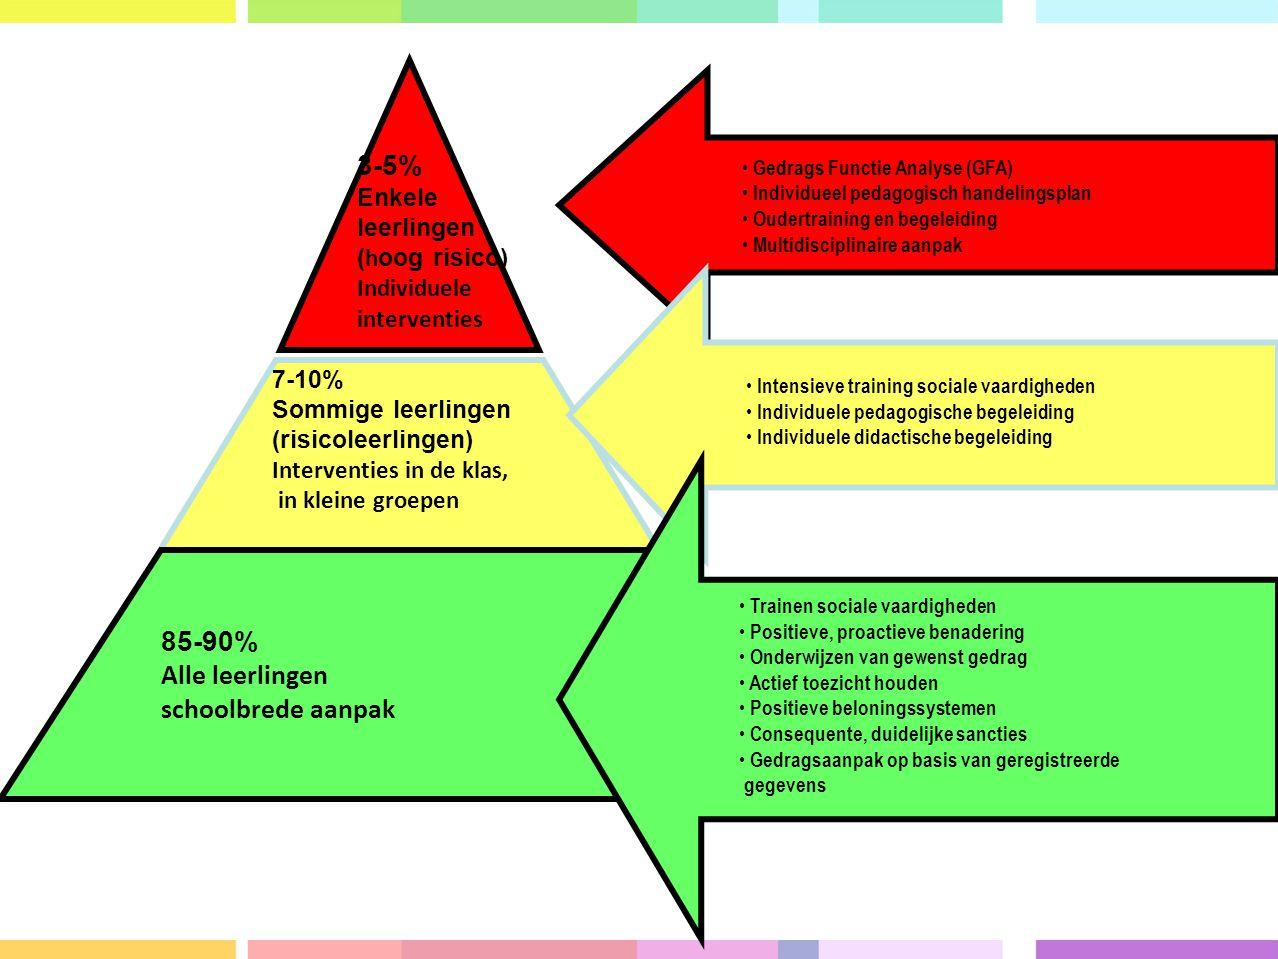 3-5% Enkele leerlingen ( h oog risico) Individuele interventies 7-10% Sommige leerlingen (risicoleerlingen) Interventies in de klas, in kleine groepen 85-90% Alle leerlingen schoolbrede aanpak Gedrags Functie Analyse (GFA) Individueel pedagogisch handelingsplan Oudertraining en begeleiding Multidisciplinaire aanpak Intensieve training sociale vaardigheden Individuele pedagogische begeleiding Individuele didactische begeleiding Trainen sociale vaardigheden Positieve, proactieve benadering Onderwijzen van gewenst gedrag Actief toezicht houden Positieve beloningssystemen Consequente, duidelijke sancties Gedragsaanpak op basis van geregistreerde gegevens